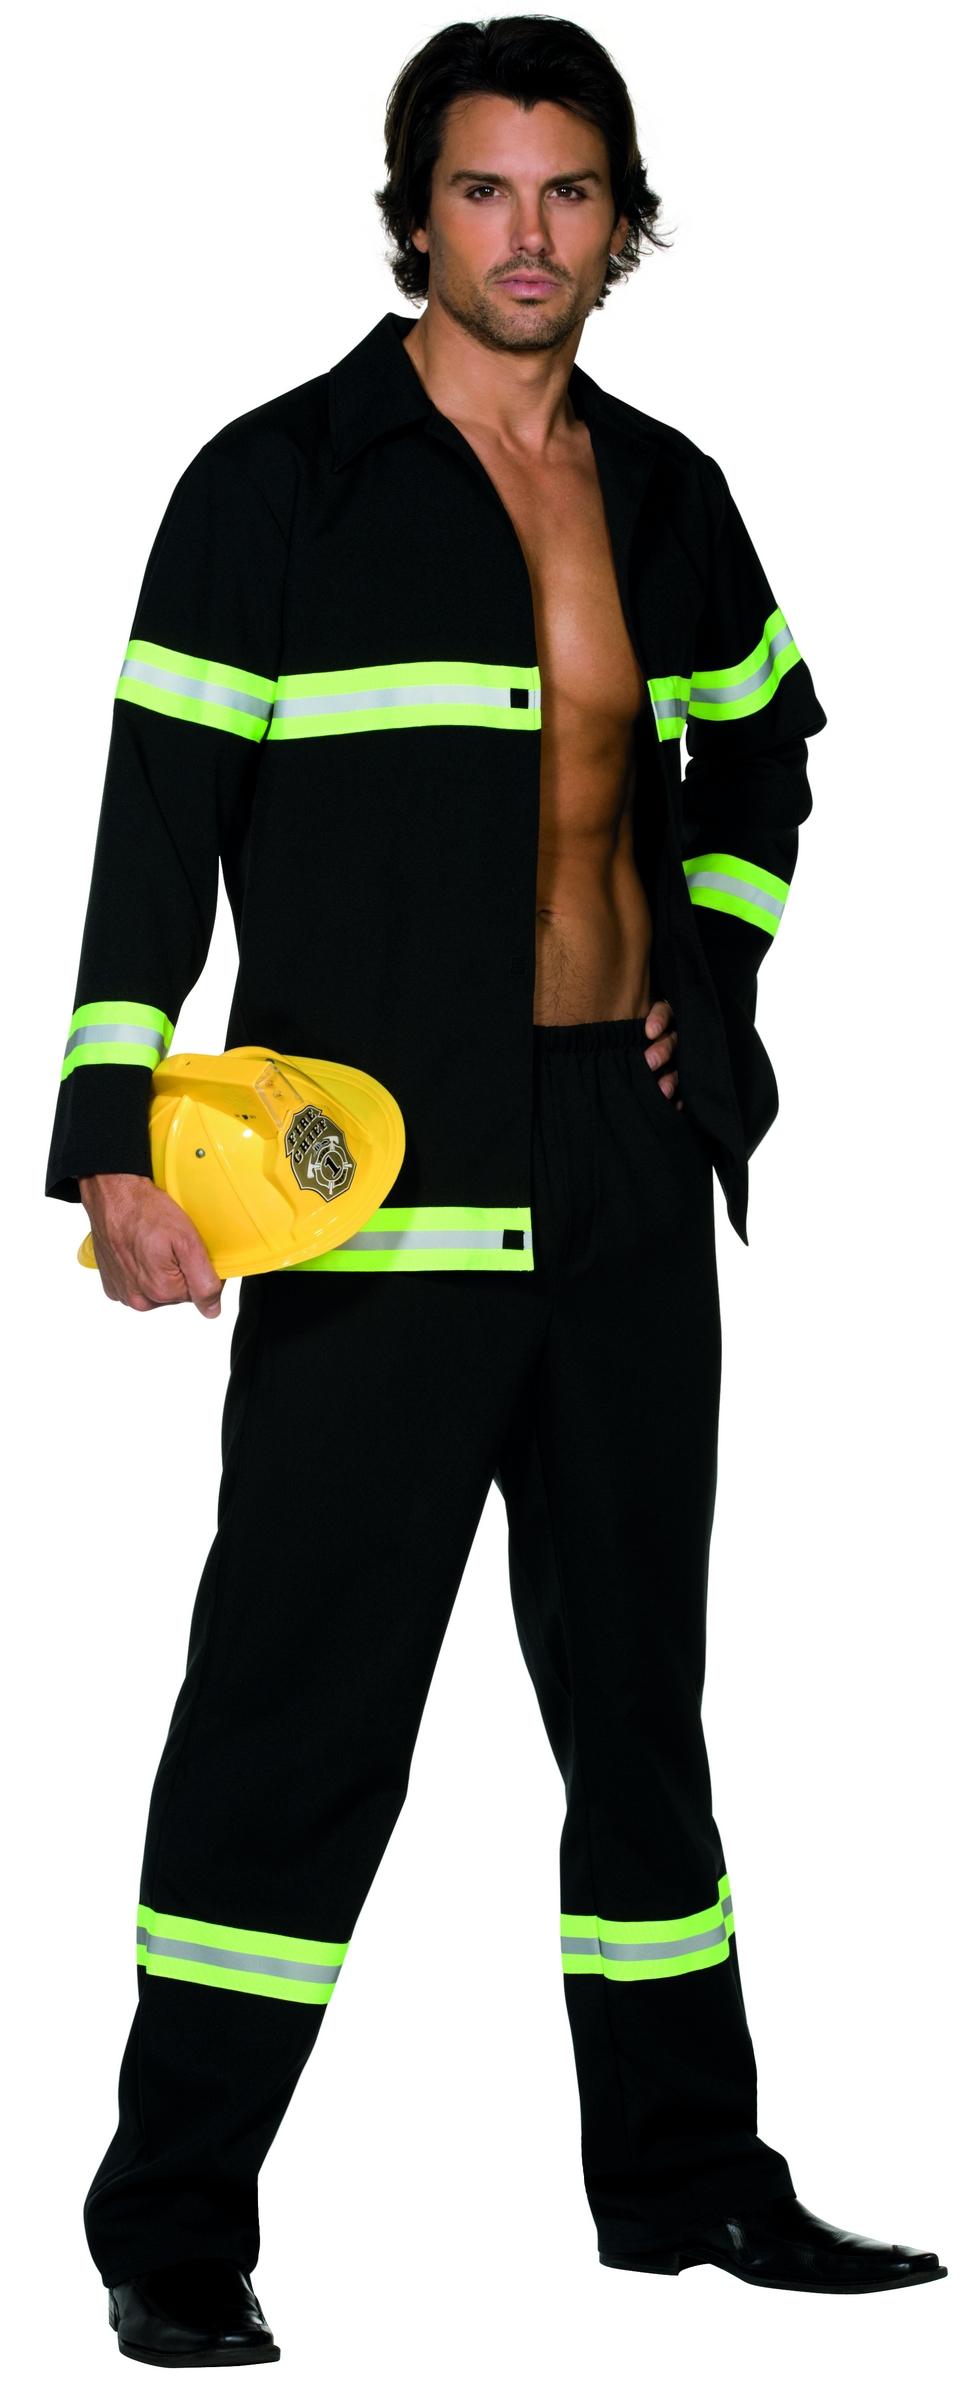 fireman costume for men. Black Bedroom Furniture Sets. Home Design Ideas